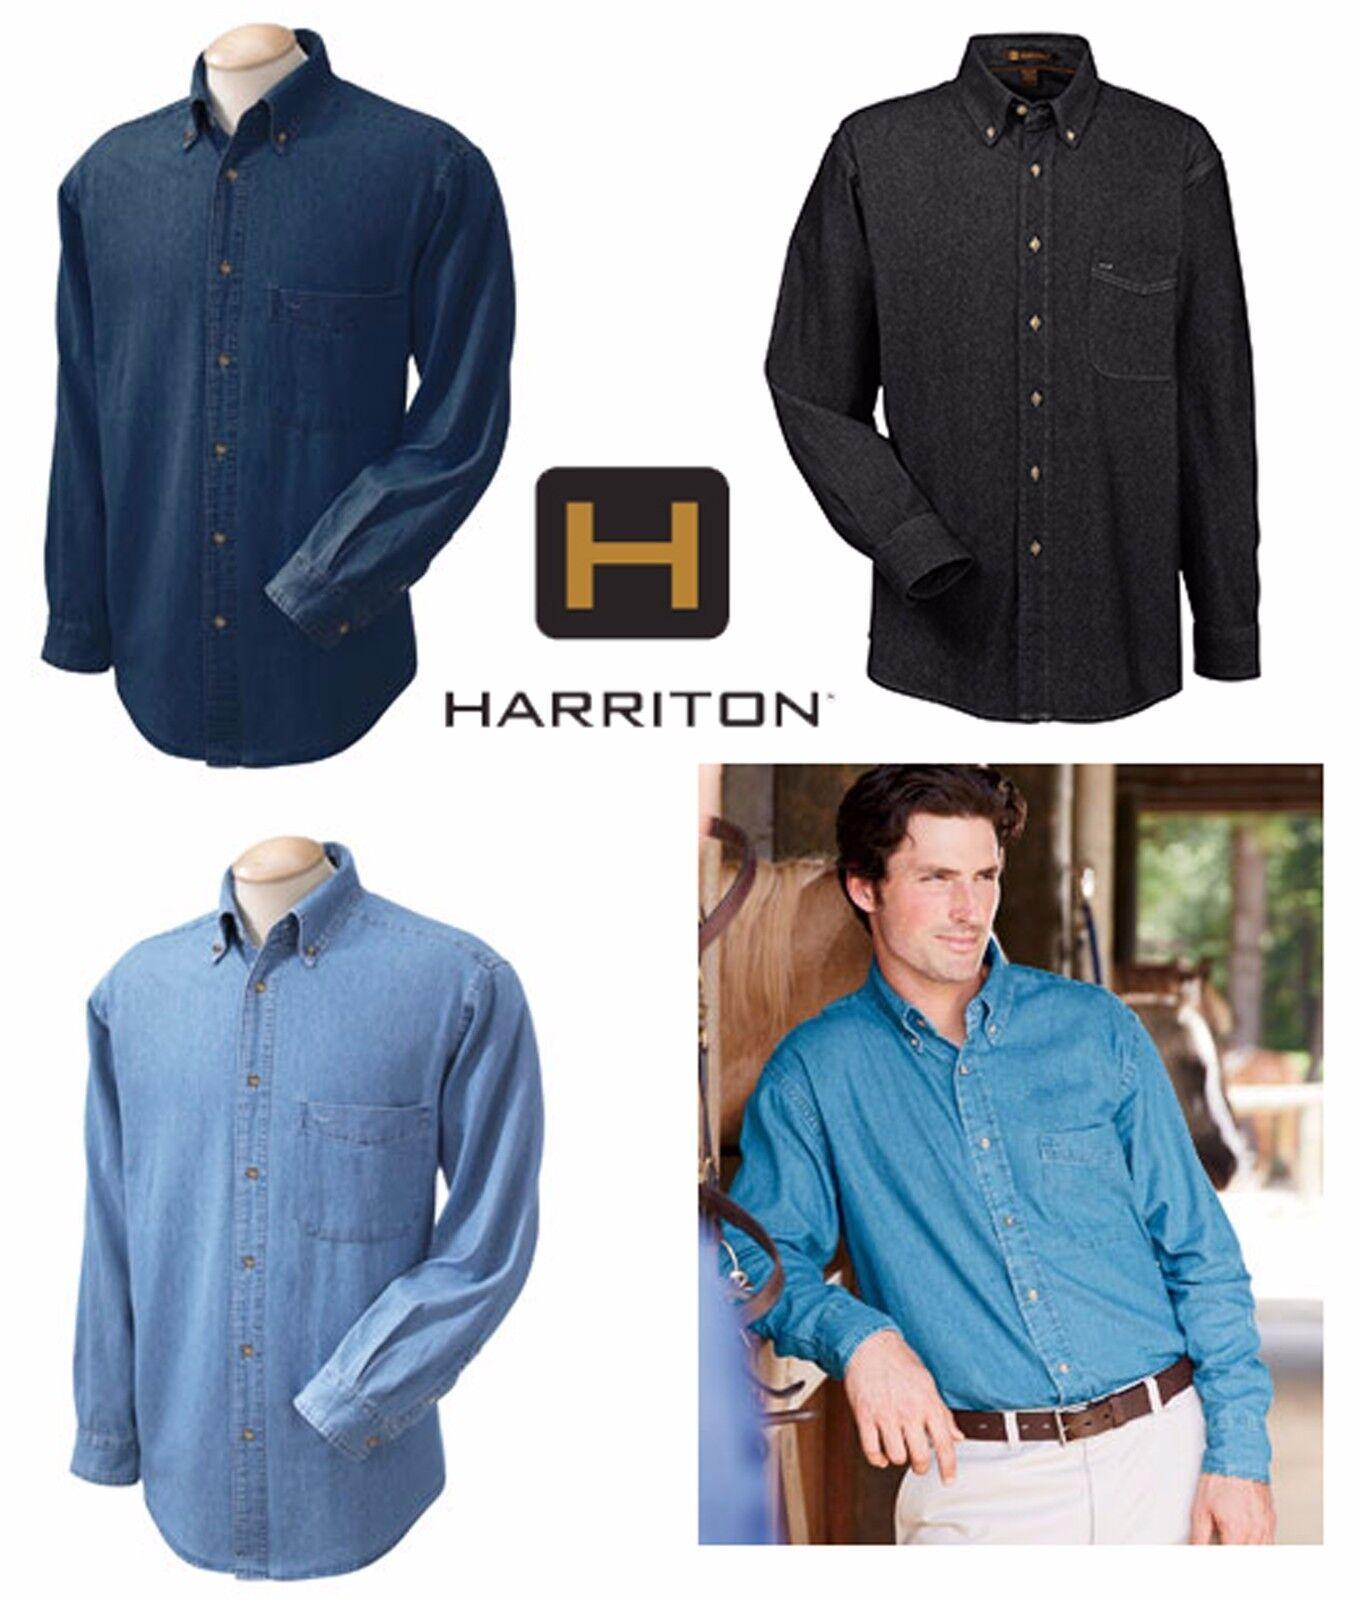 8b109107777 Harriton Men s TALL Long-Sleeve Denim Button-up Shirt XLT-3XT M550T ...